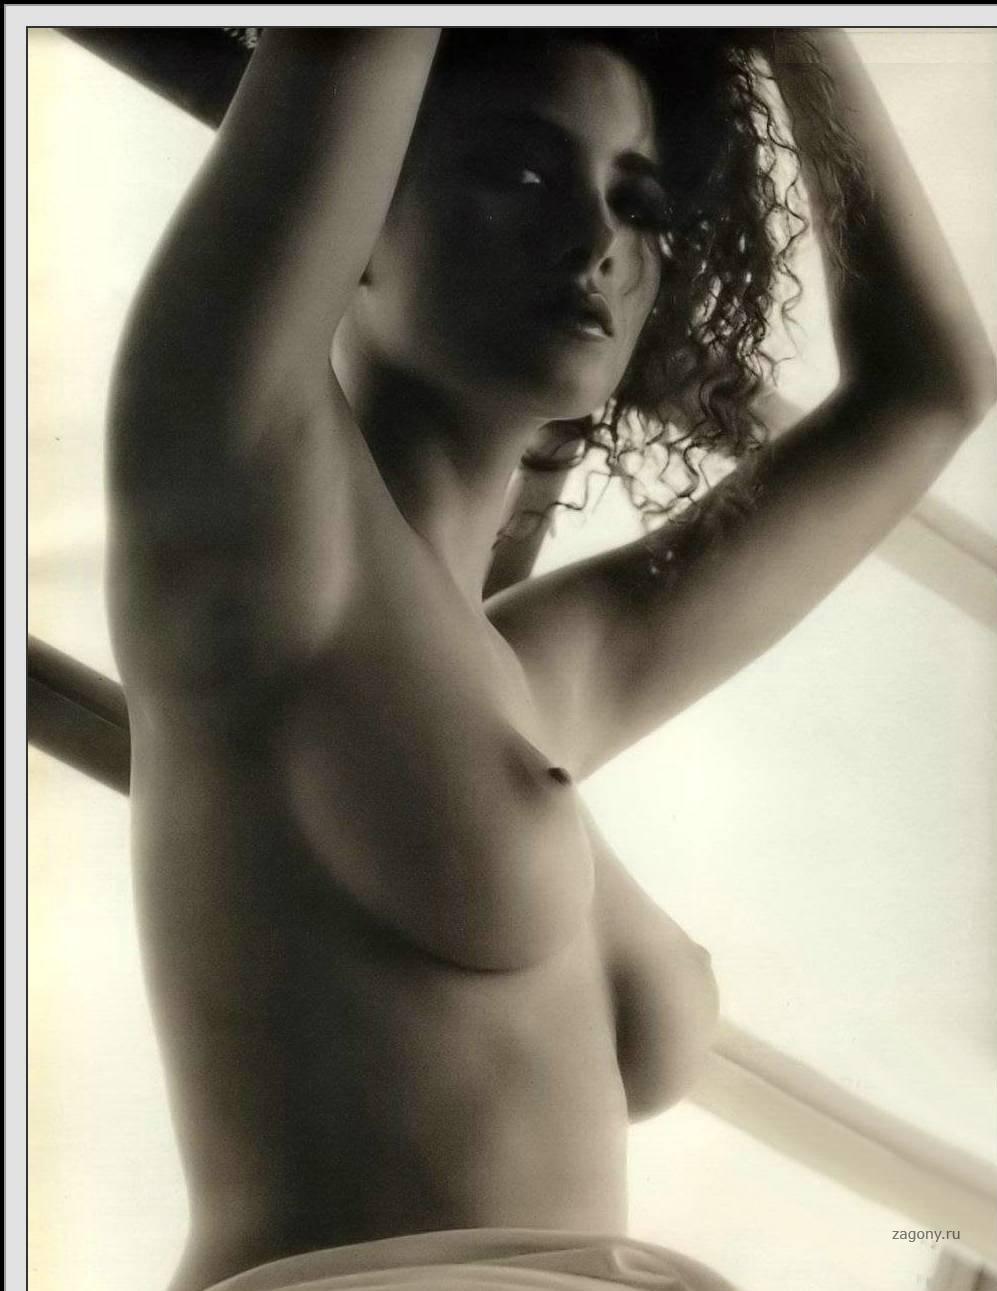 Almost naked randi ingerman nuda sexy girls boobs